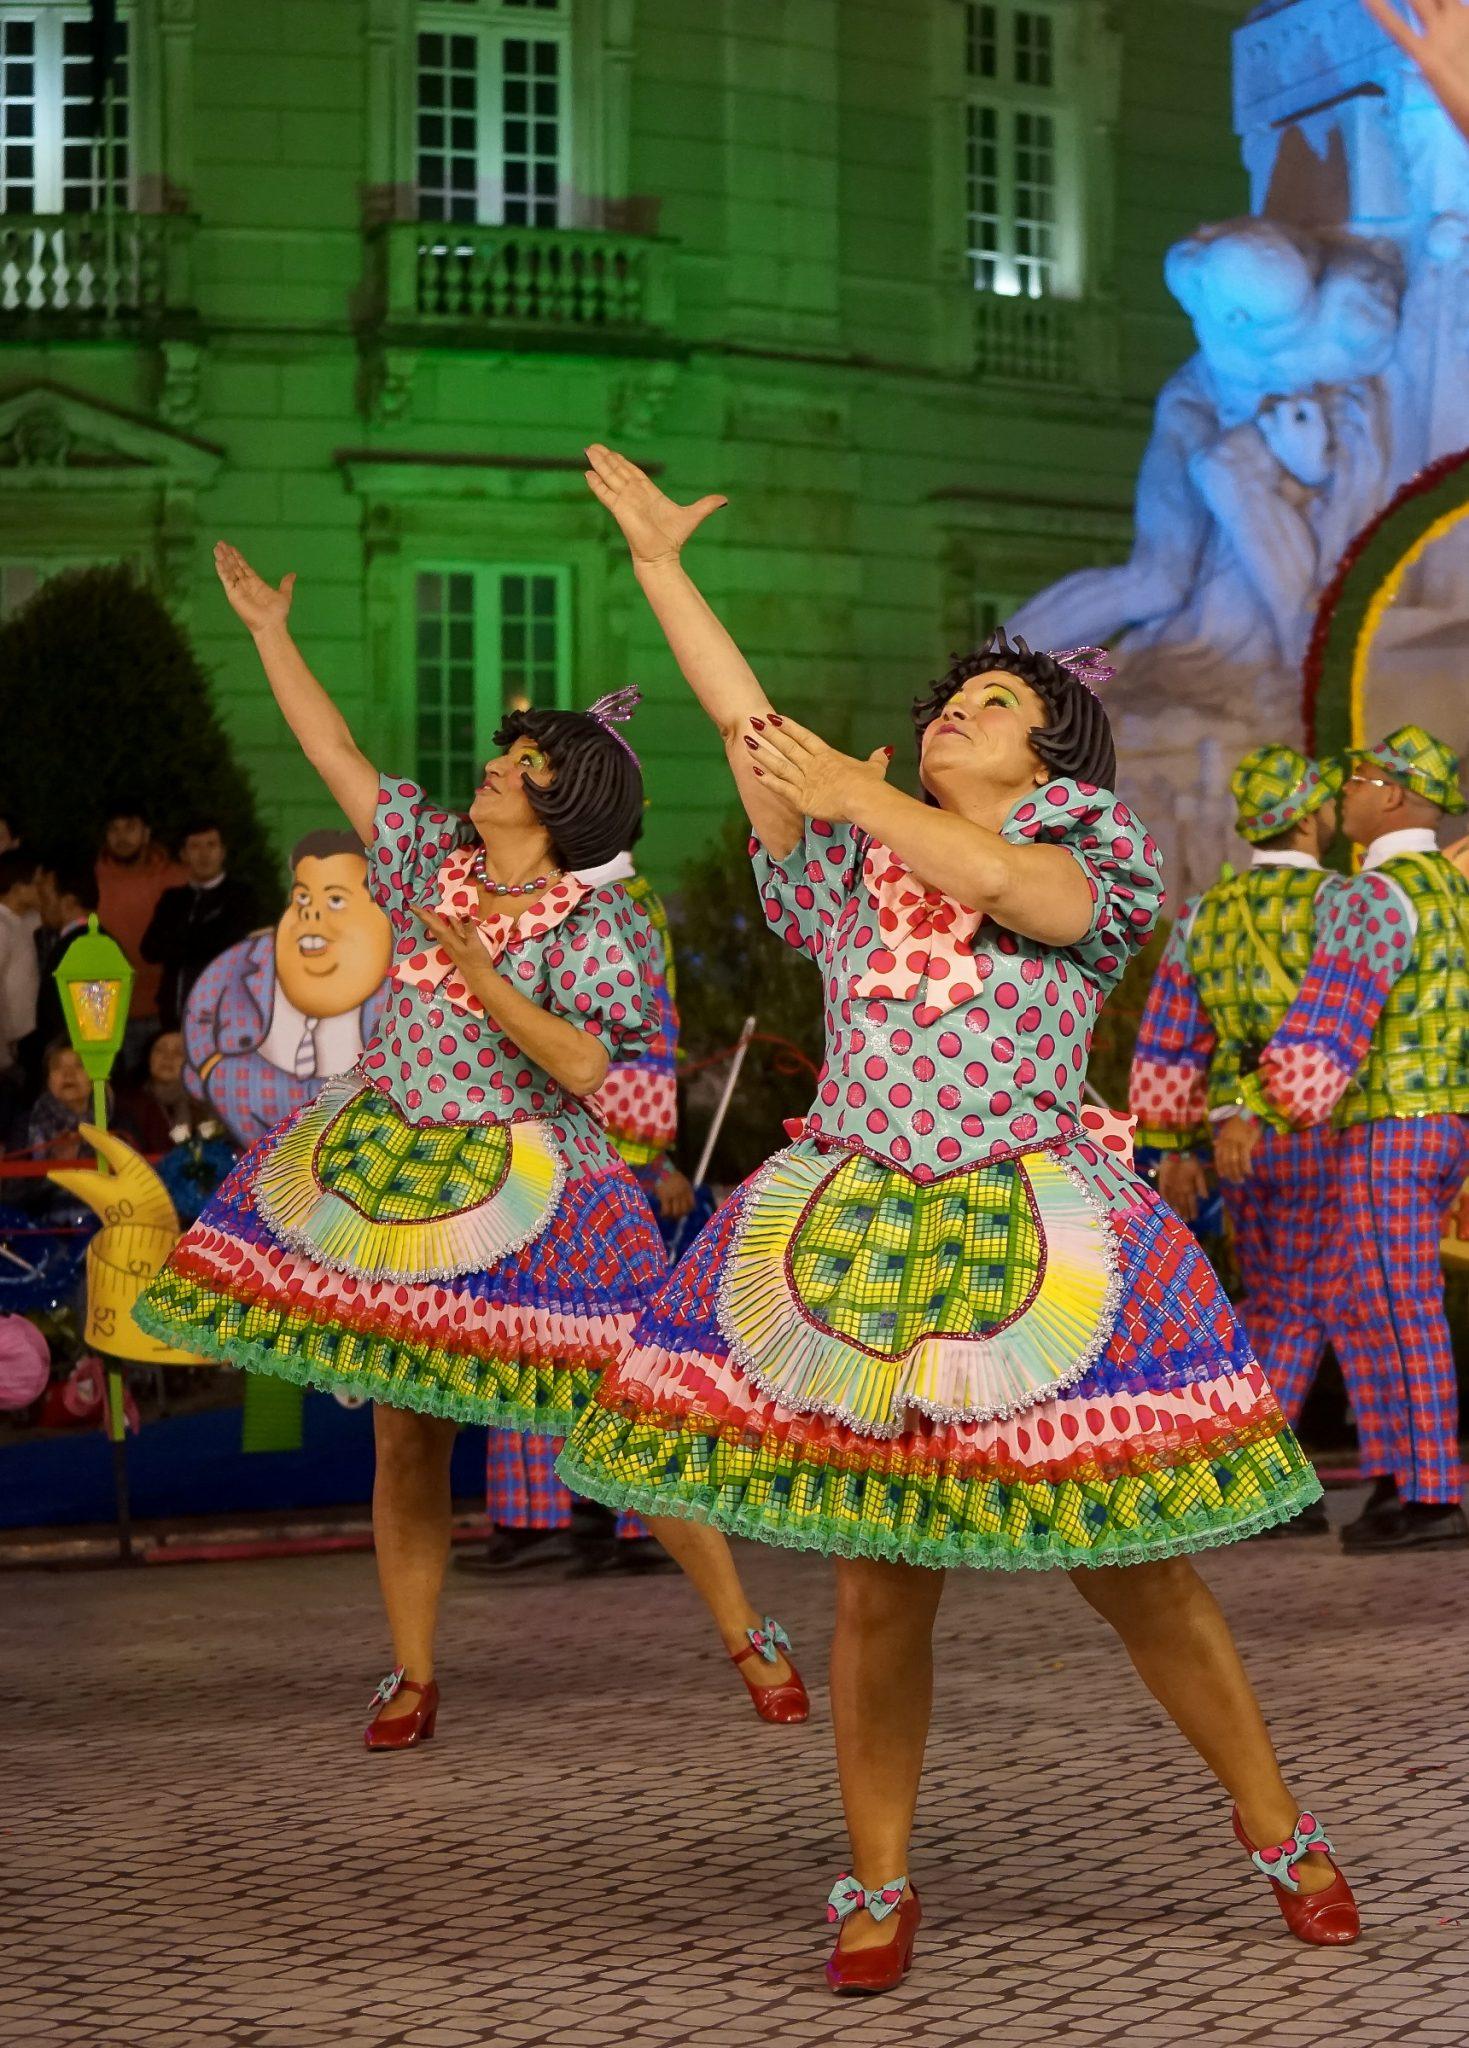 De frente para o observador, duas mulheres com vestidos coloridos, olham para cima enquanto elevam um dos braços na mesma direção e o outro permanece junto ao peito. Em segundo plano, marchantes masculinos e um arco pousado no chão com uma caricatura de Vasco Santana.